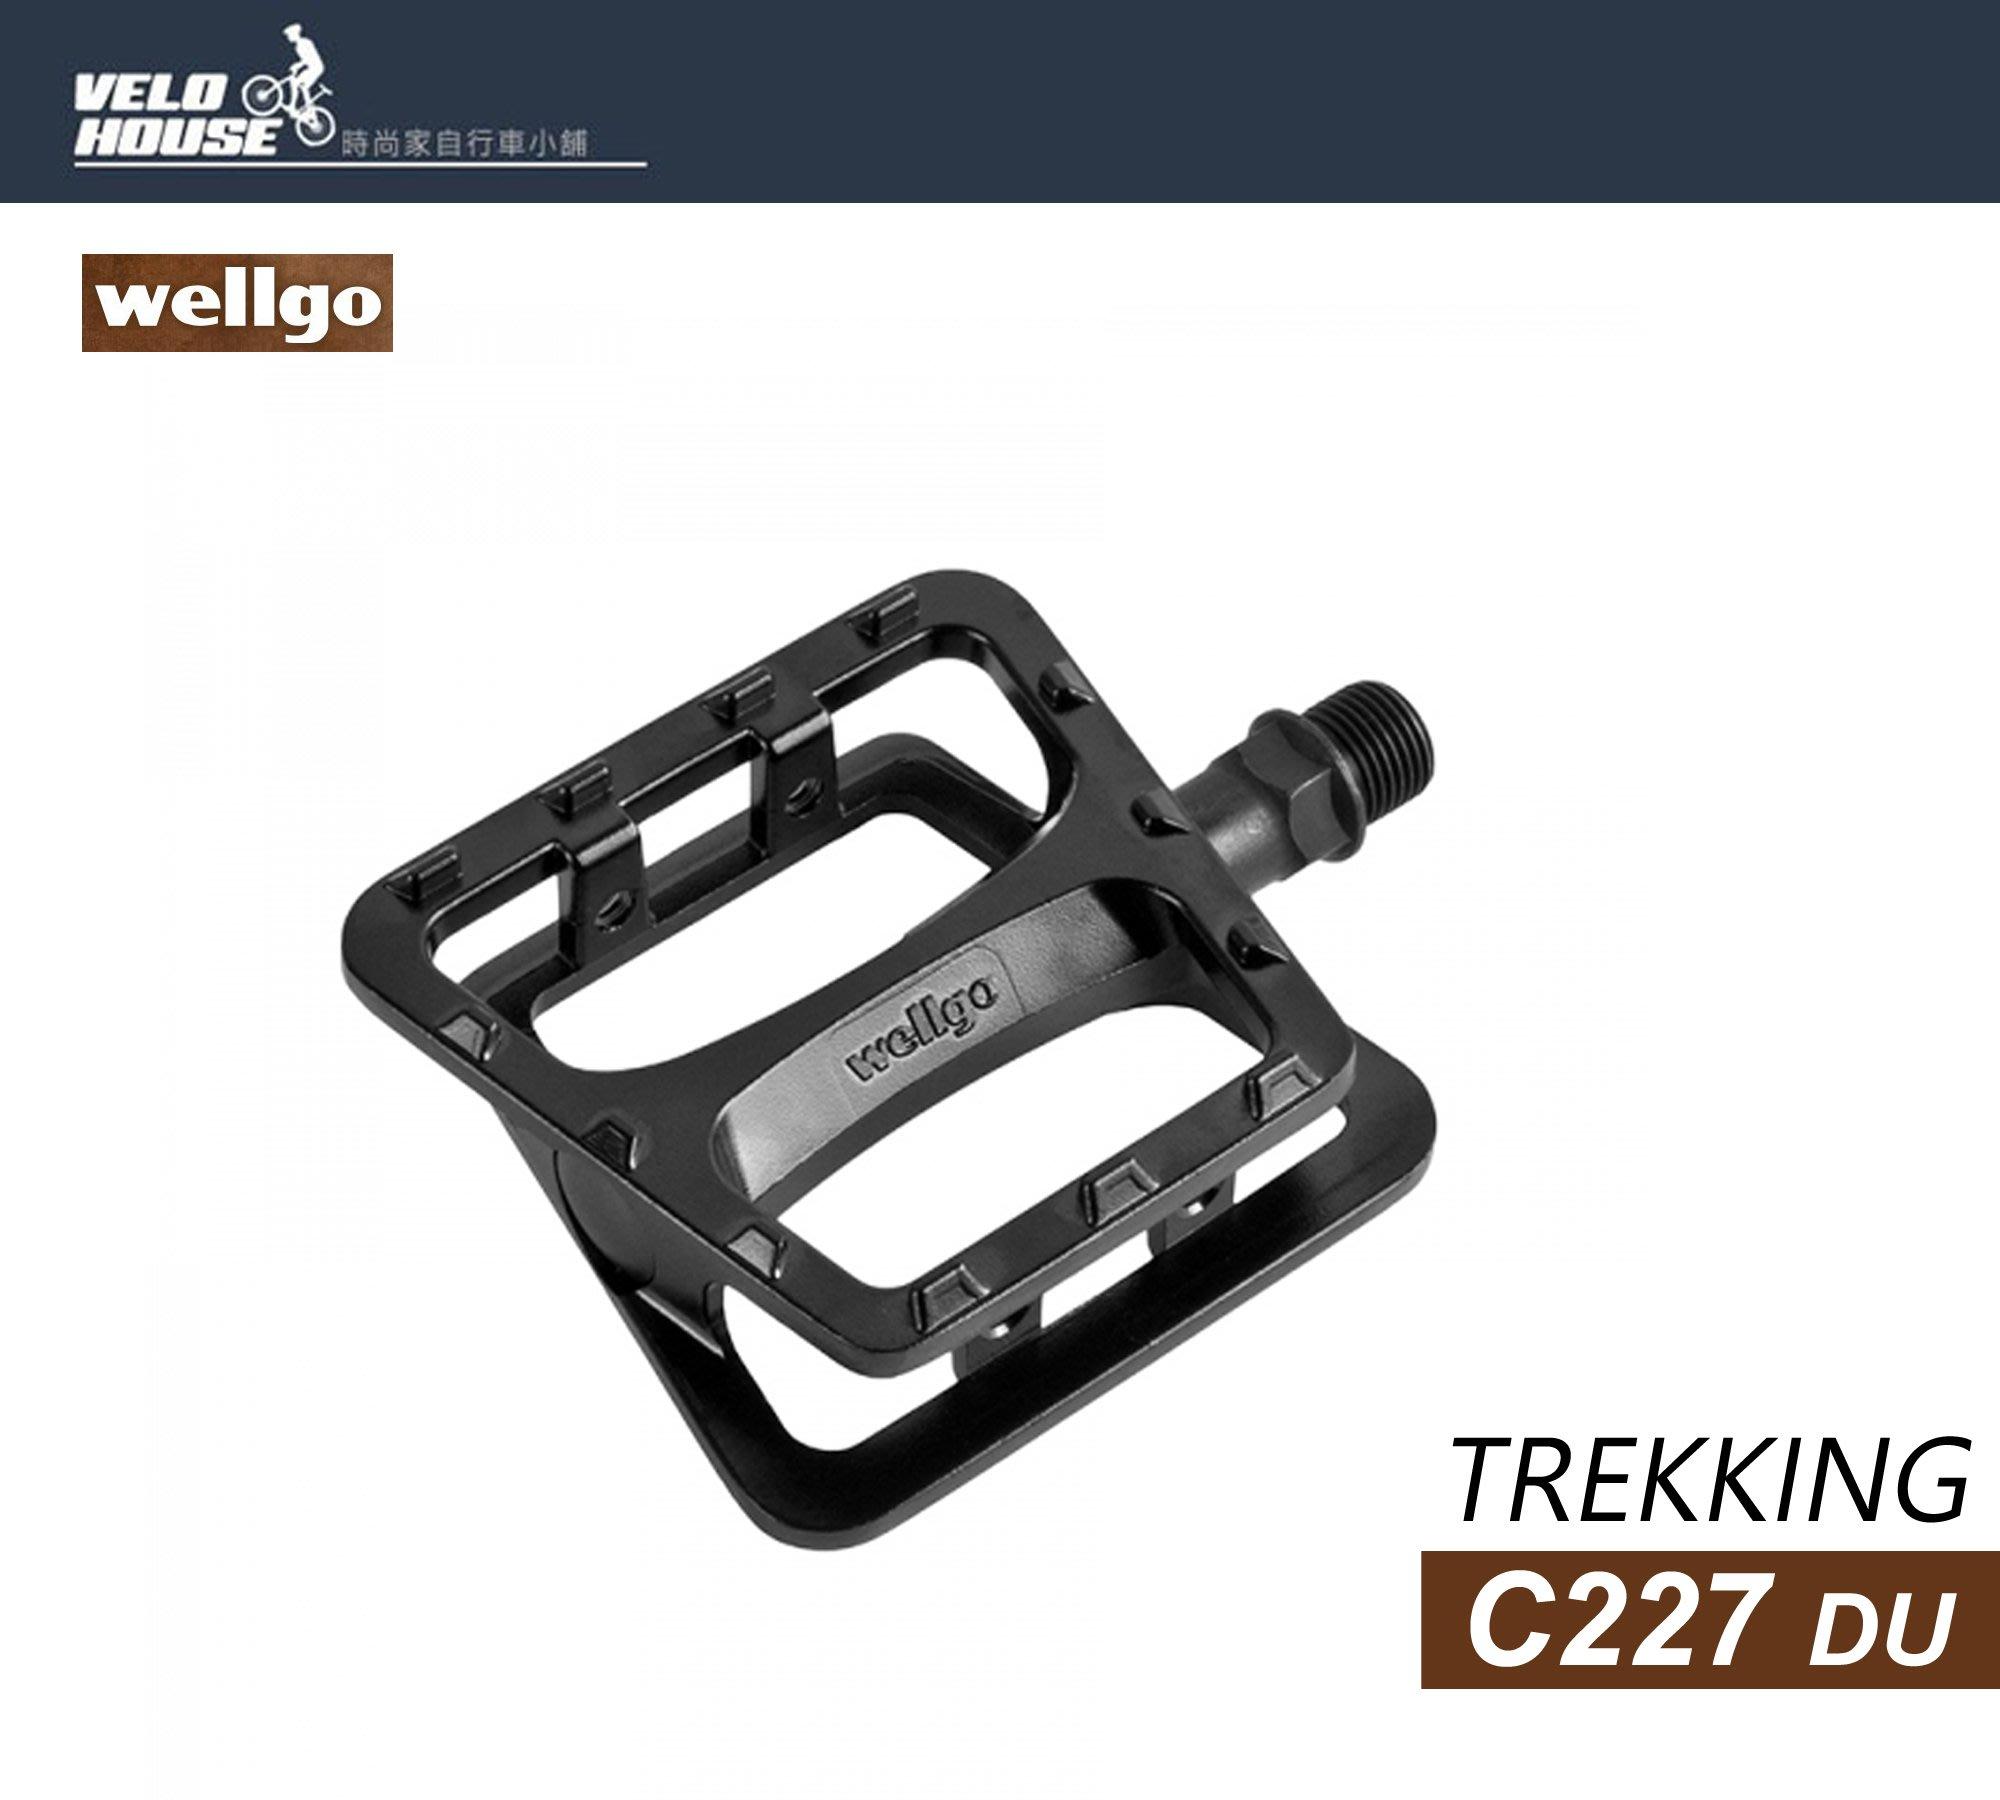 【飛輪單車】WELLGO C227DU 旅行車用踏板 (9/16) TREKKING 一車份[04003540]